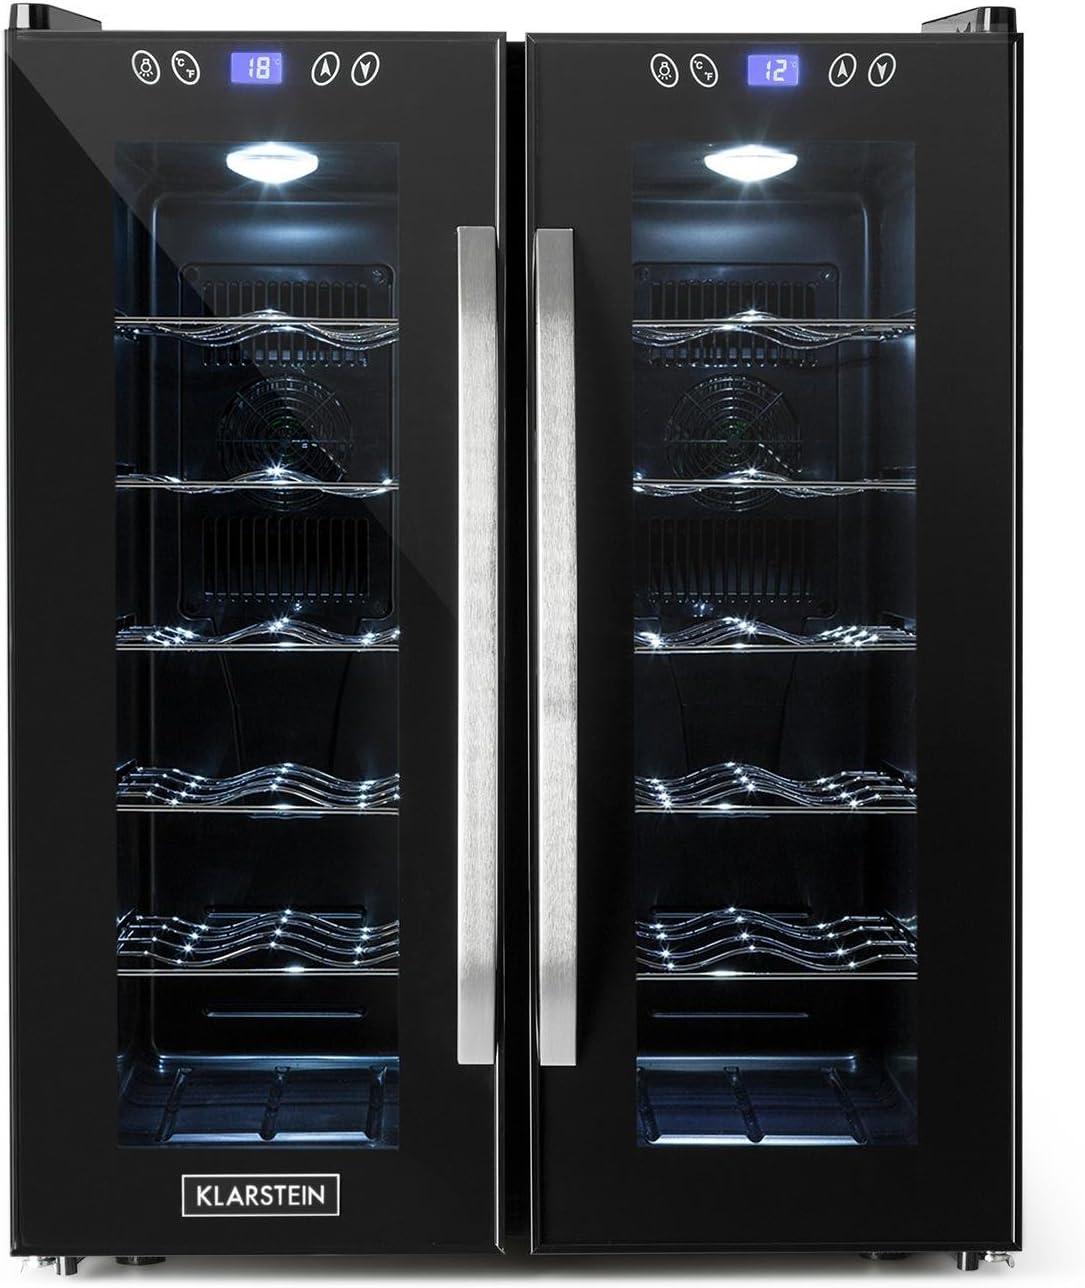 Klarstein SaloonNapa - Nevera para vino, Nevera para bebidas, Muy silenciosa, 10 Estantes, Temperatura: de 11 °C a 18 °C, 67 litros de volumen, 24 botellas de vino, Negro